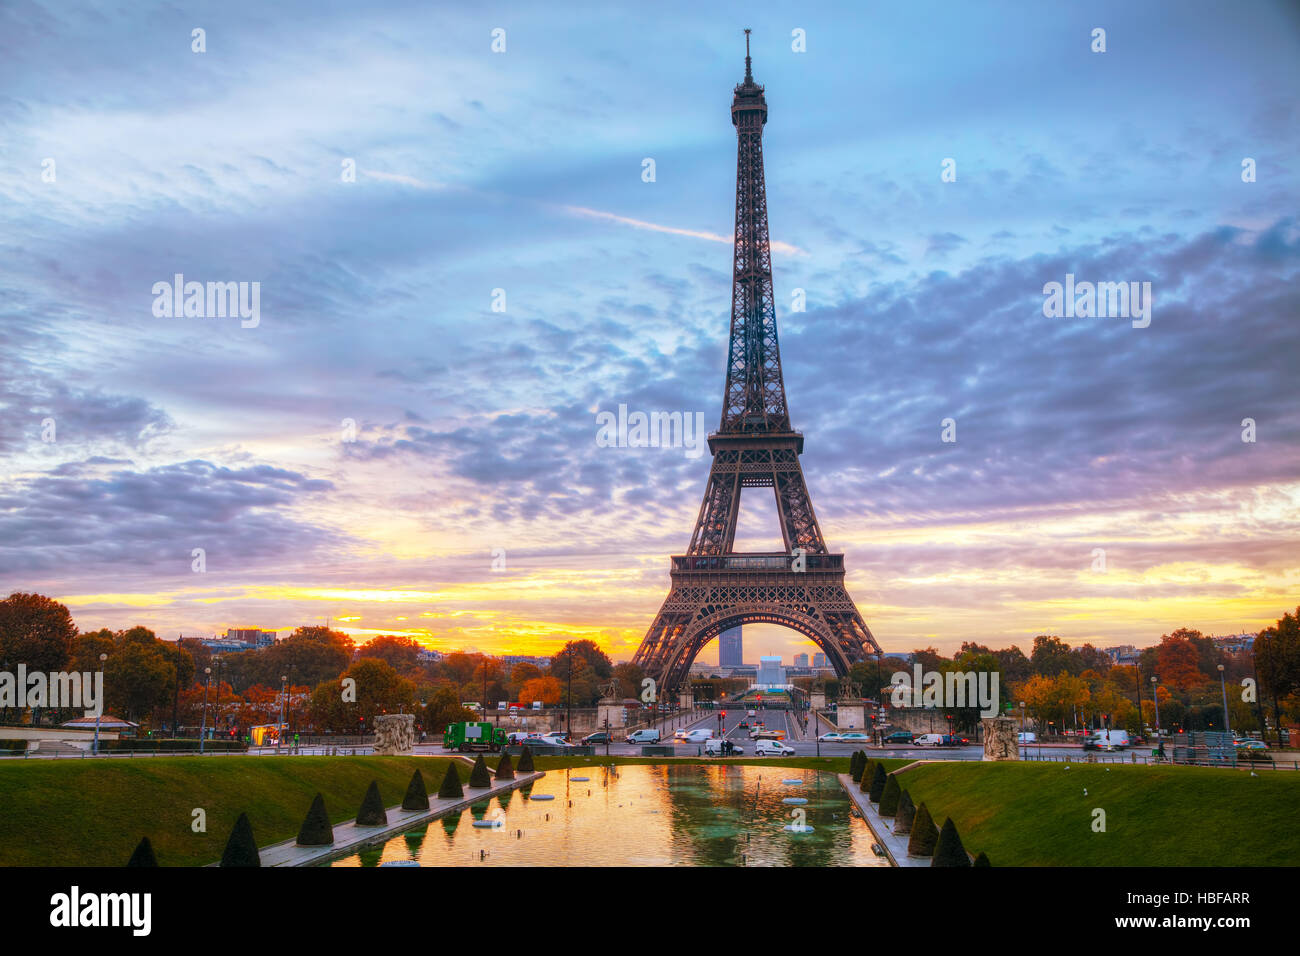 Paisaje urbano con la torre Eiffel en París, Francia, al amanecer. Imagen De Stock